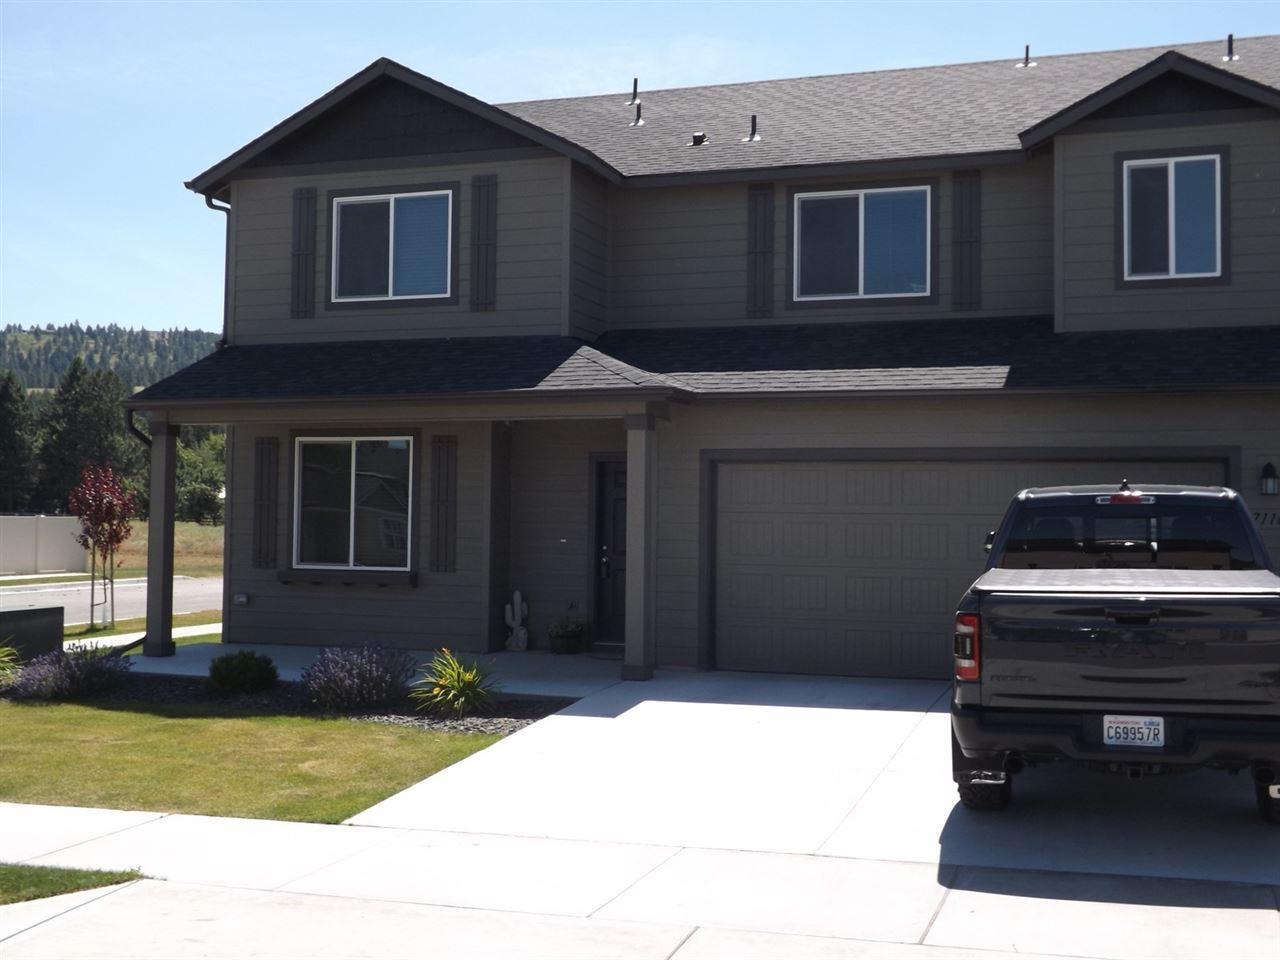 7116 E 15th Ave, Spokane, WA 99212 - #: 202019091